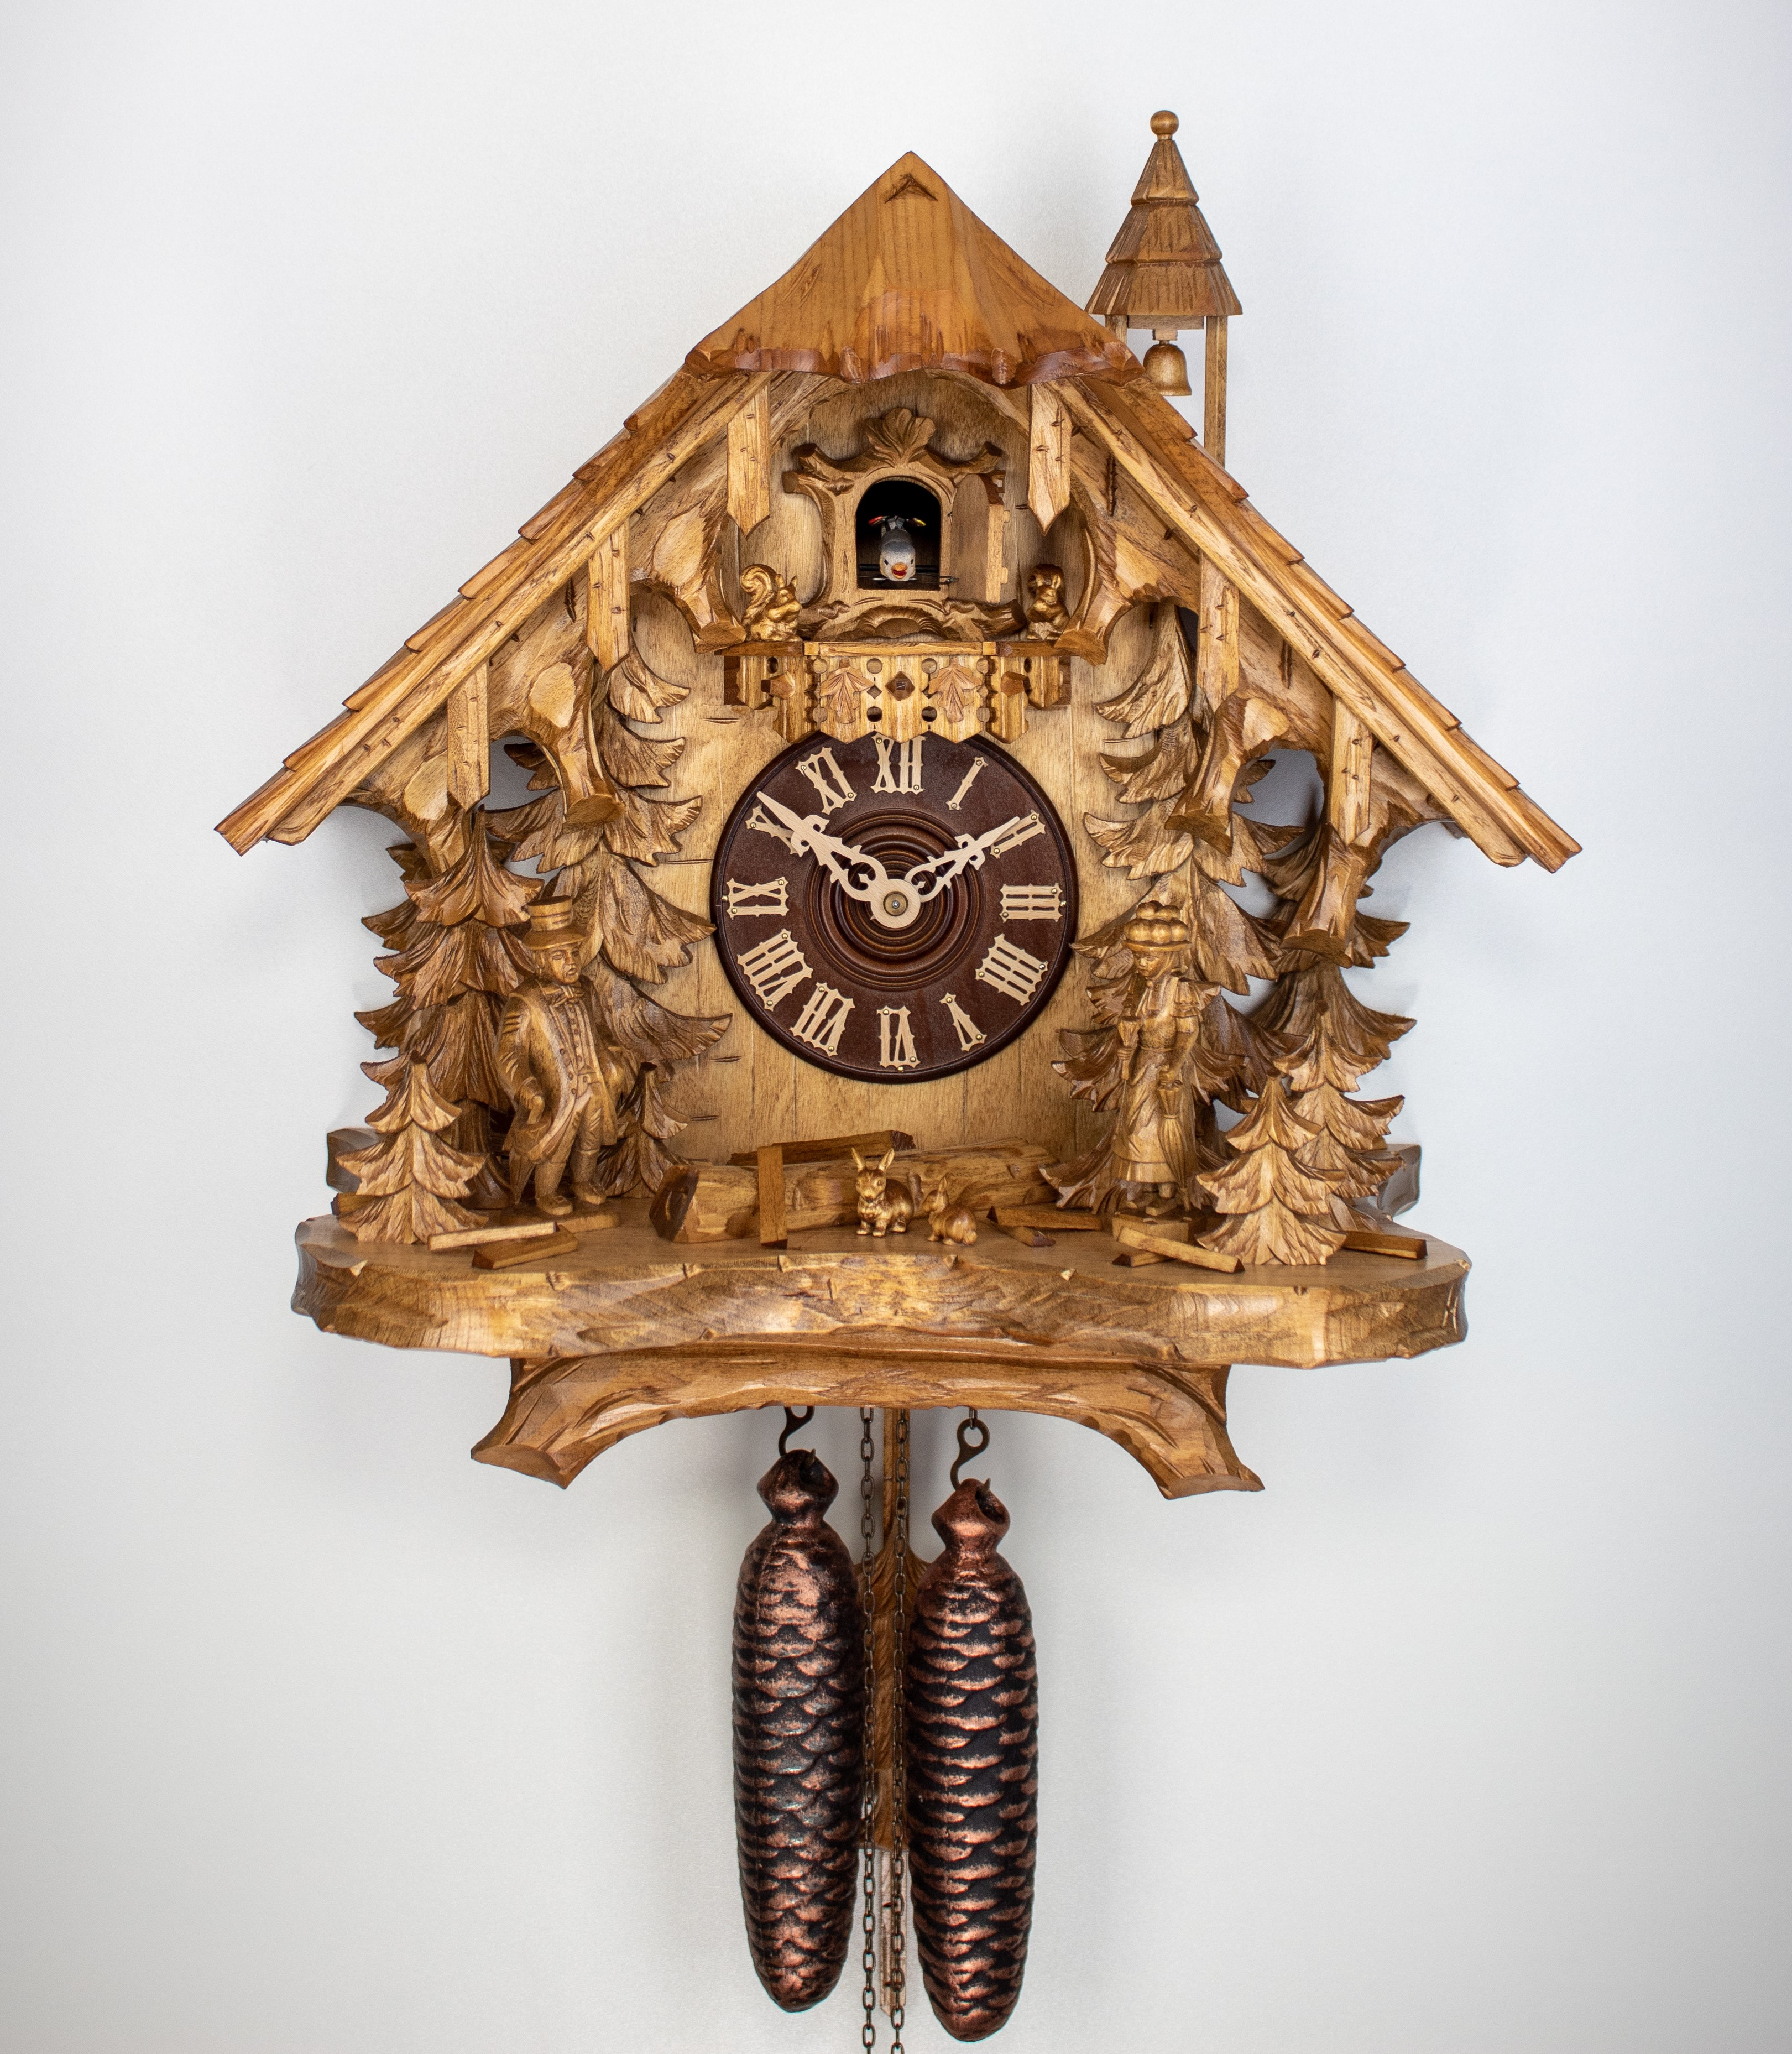 8 Tage Kuckucksuhr Schwarzwaldhaus mit Schwarzwaldpaar, Glockenturm und Hasen *Limited Edition*